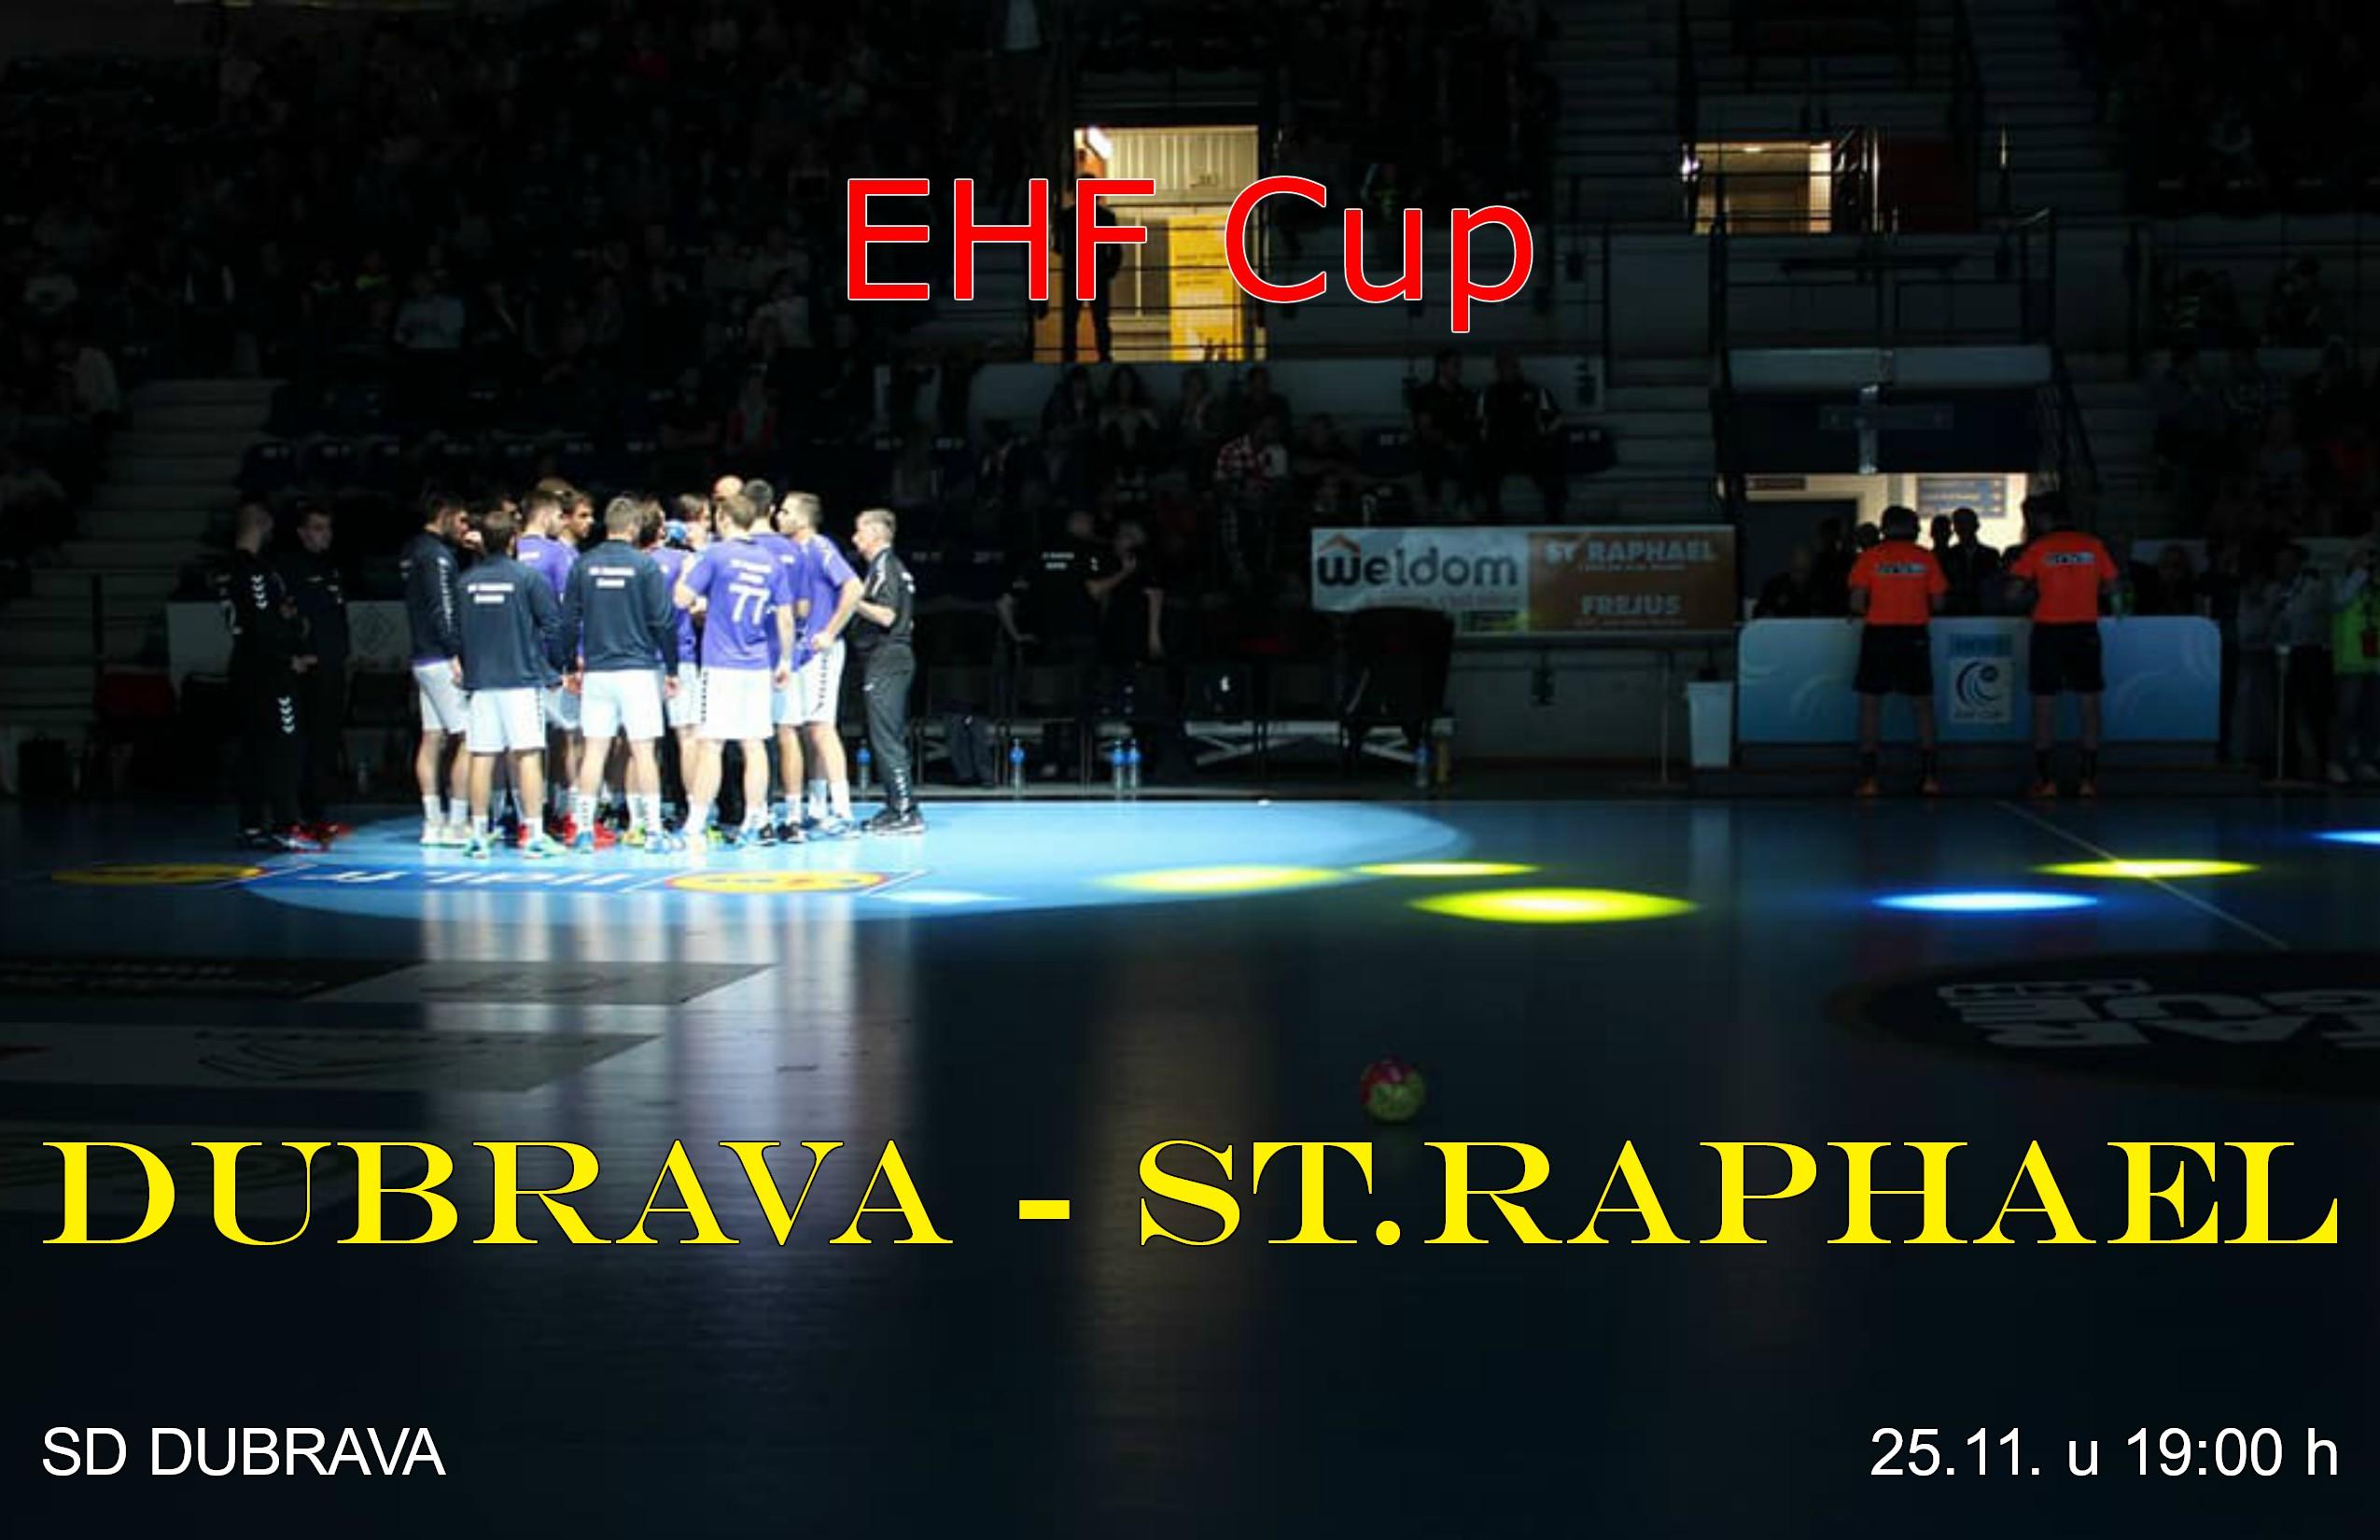 EHF Cup : DUBRAVA – ST.RAPHAEL (FRA)